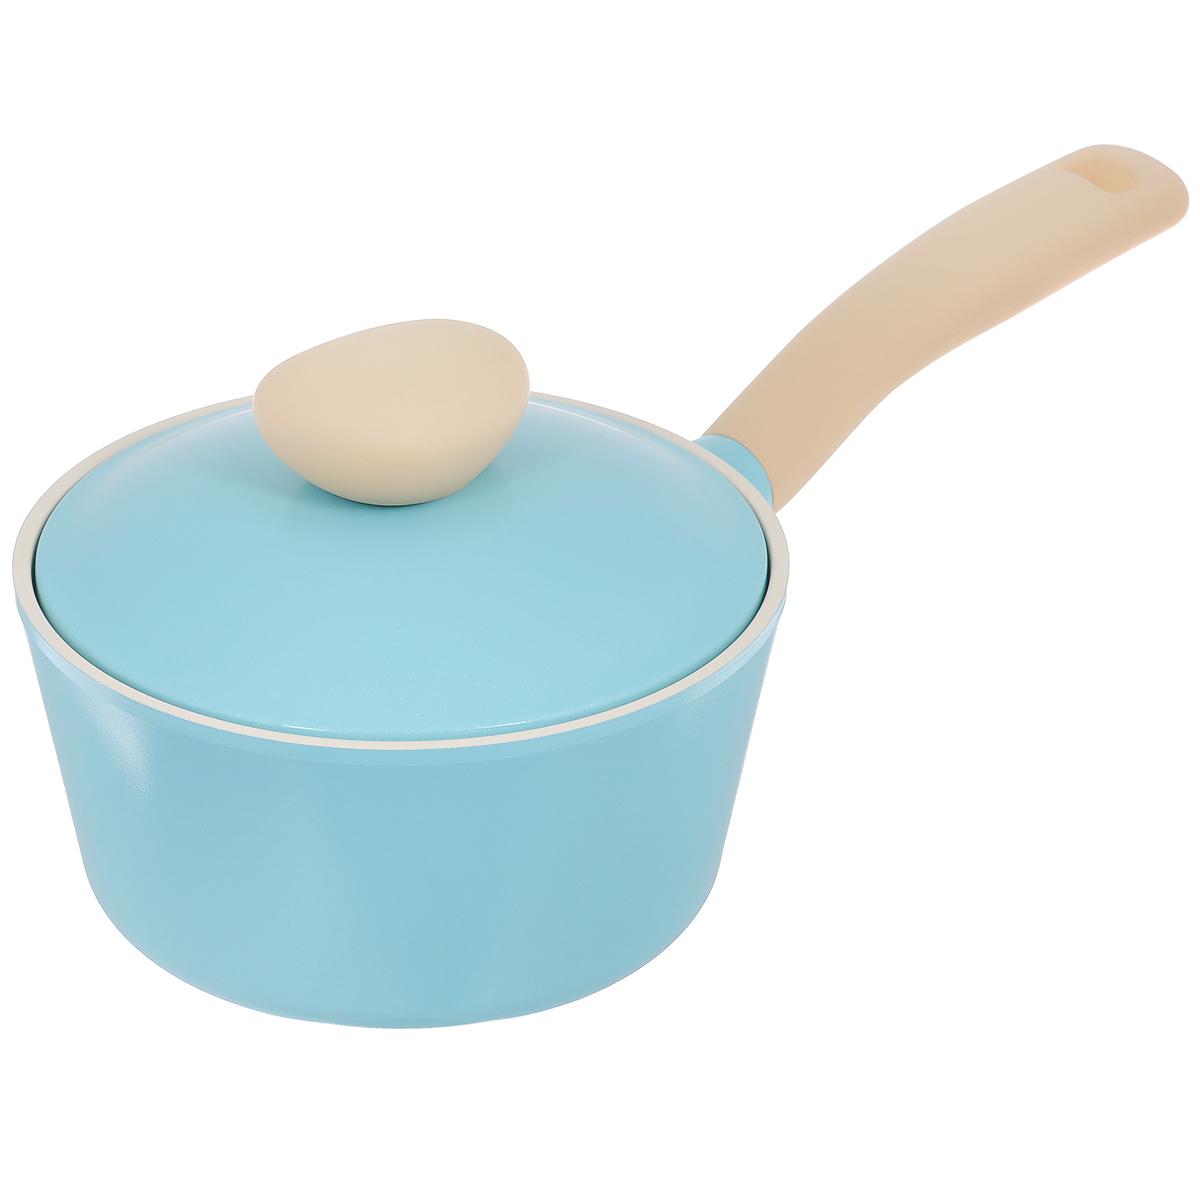 """Ковш Frybest """"Round"""" с крышкой, с керамическим покрытием, цвет: голубой, 1,8 л"""